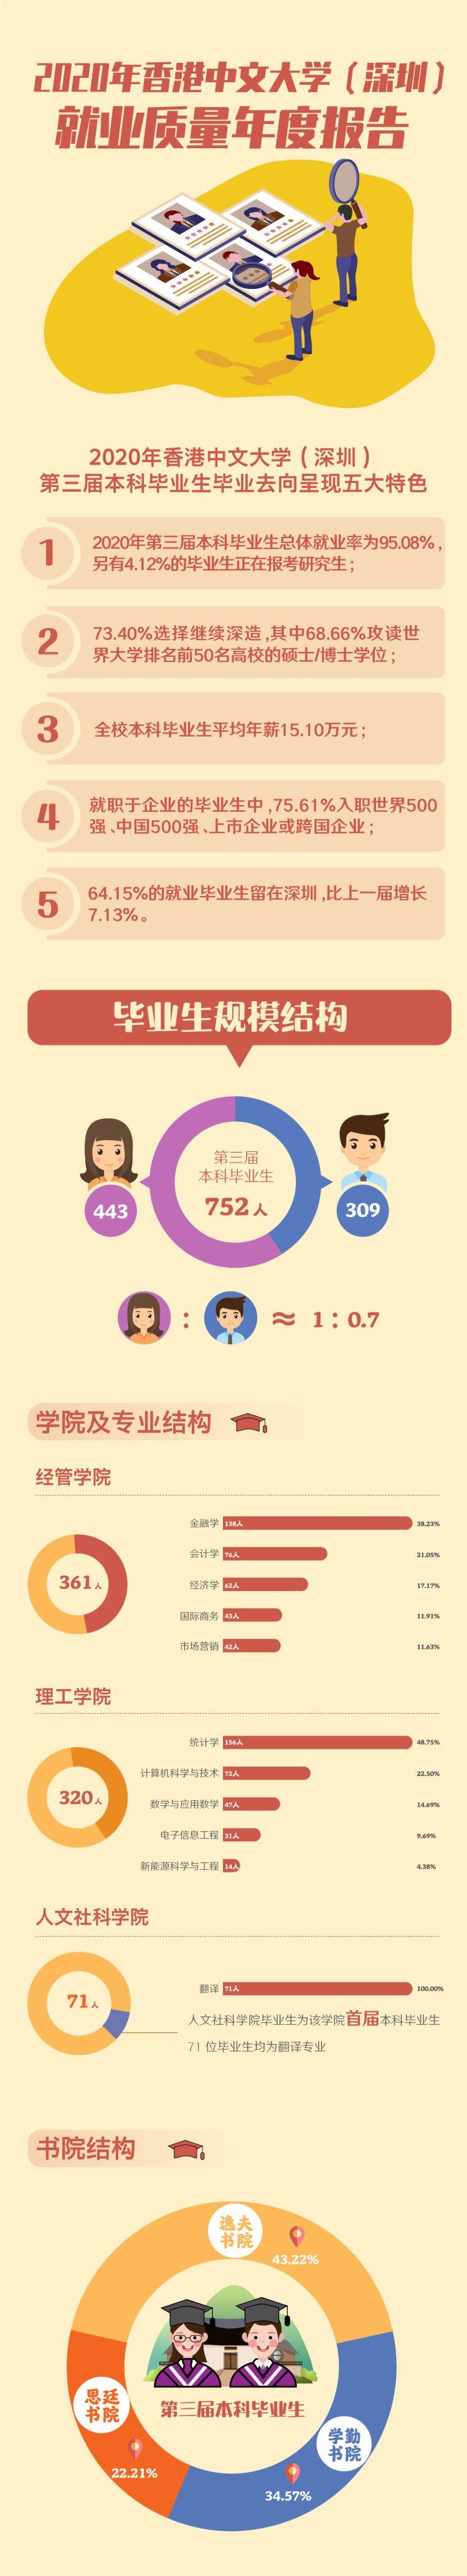 http://www.weixinrensheng.com/zhichang/2667328.html